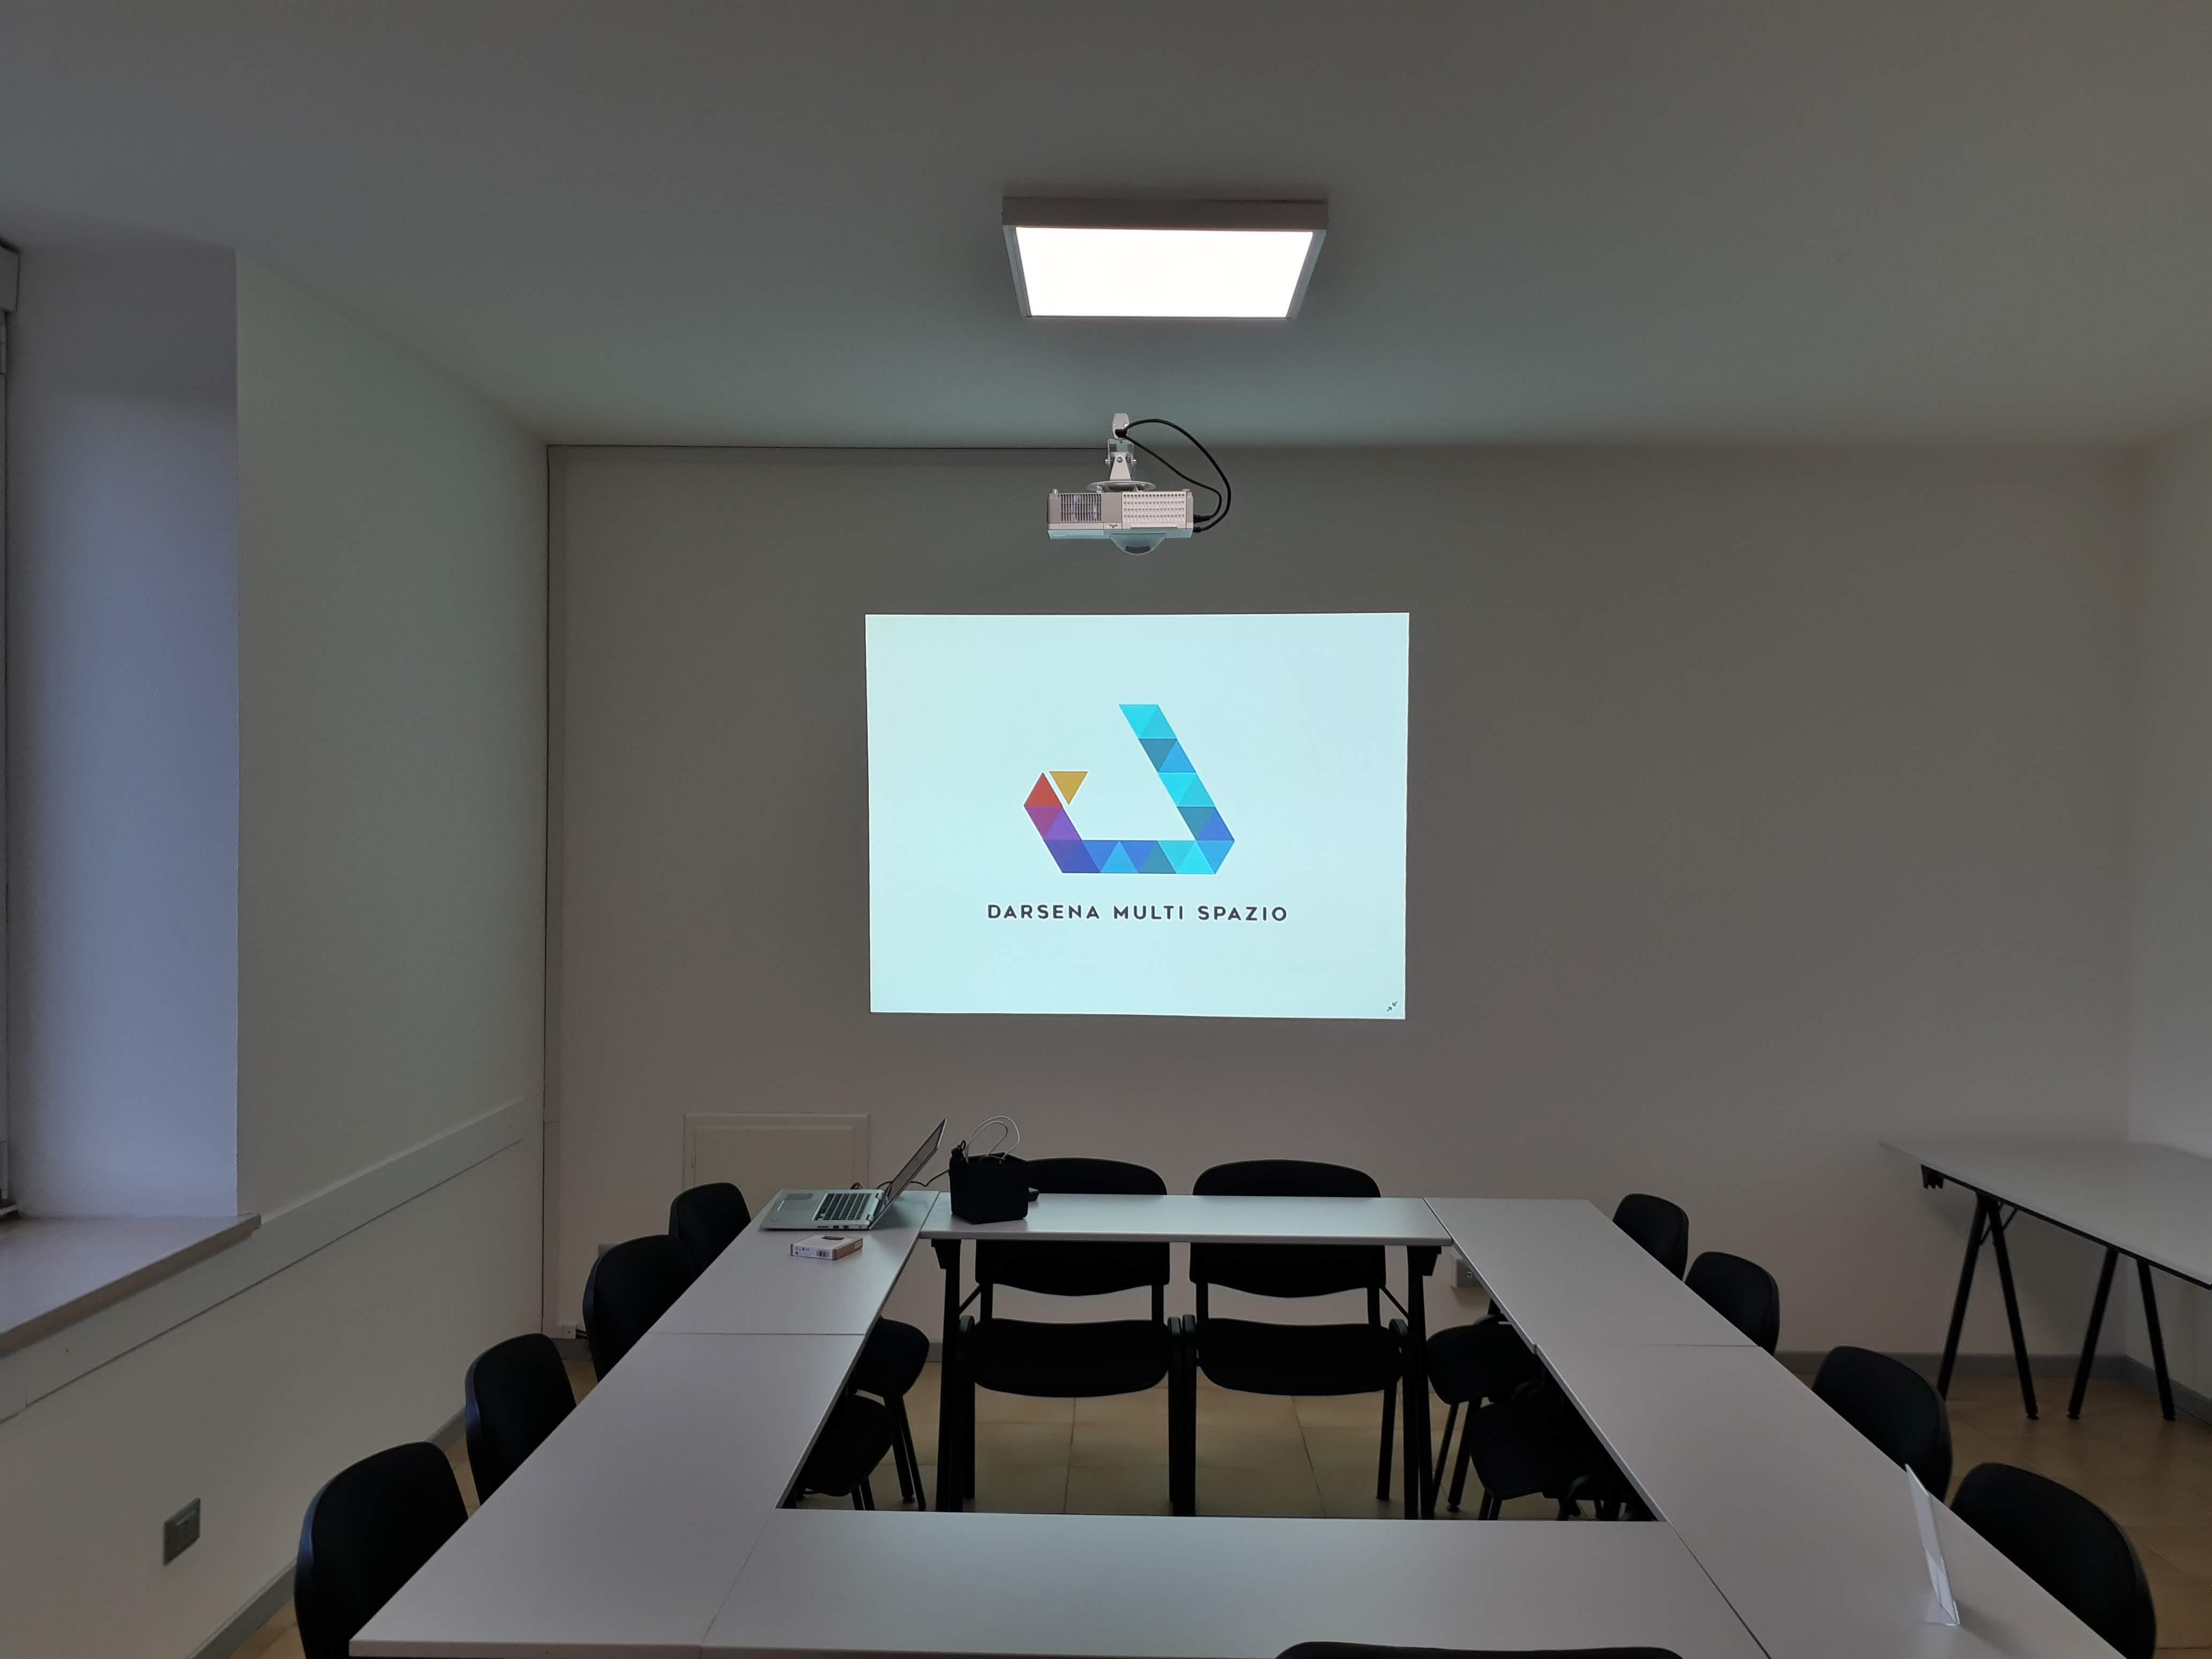 Sala riunioni presso Darsena Multi Spazio a Ravenna